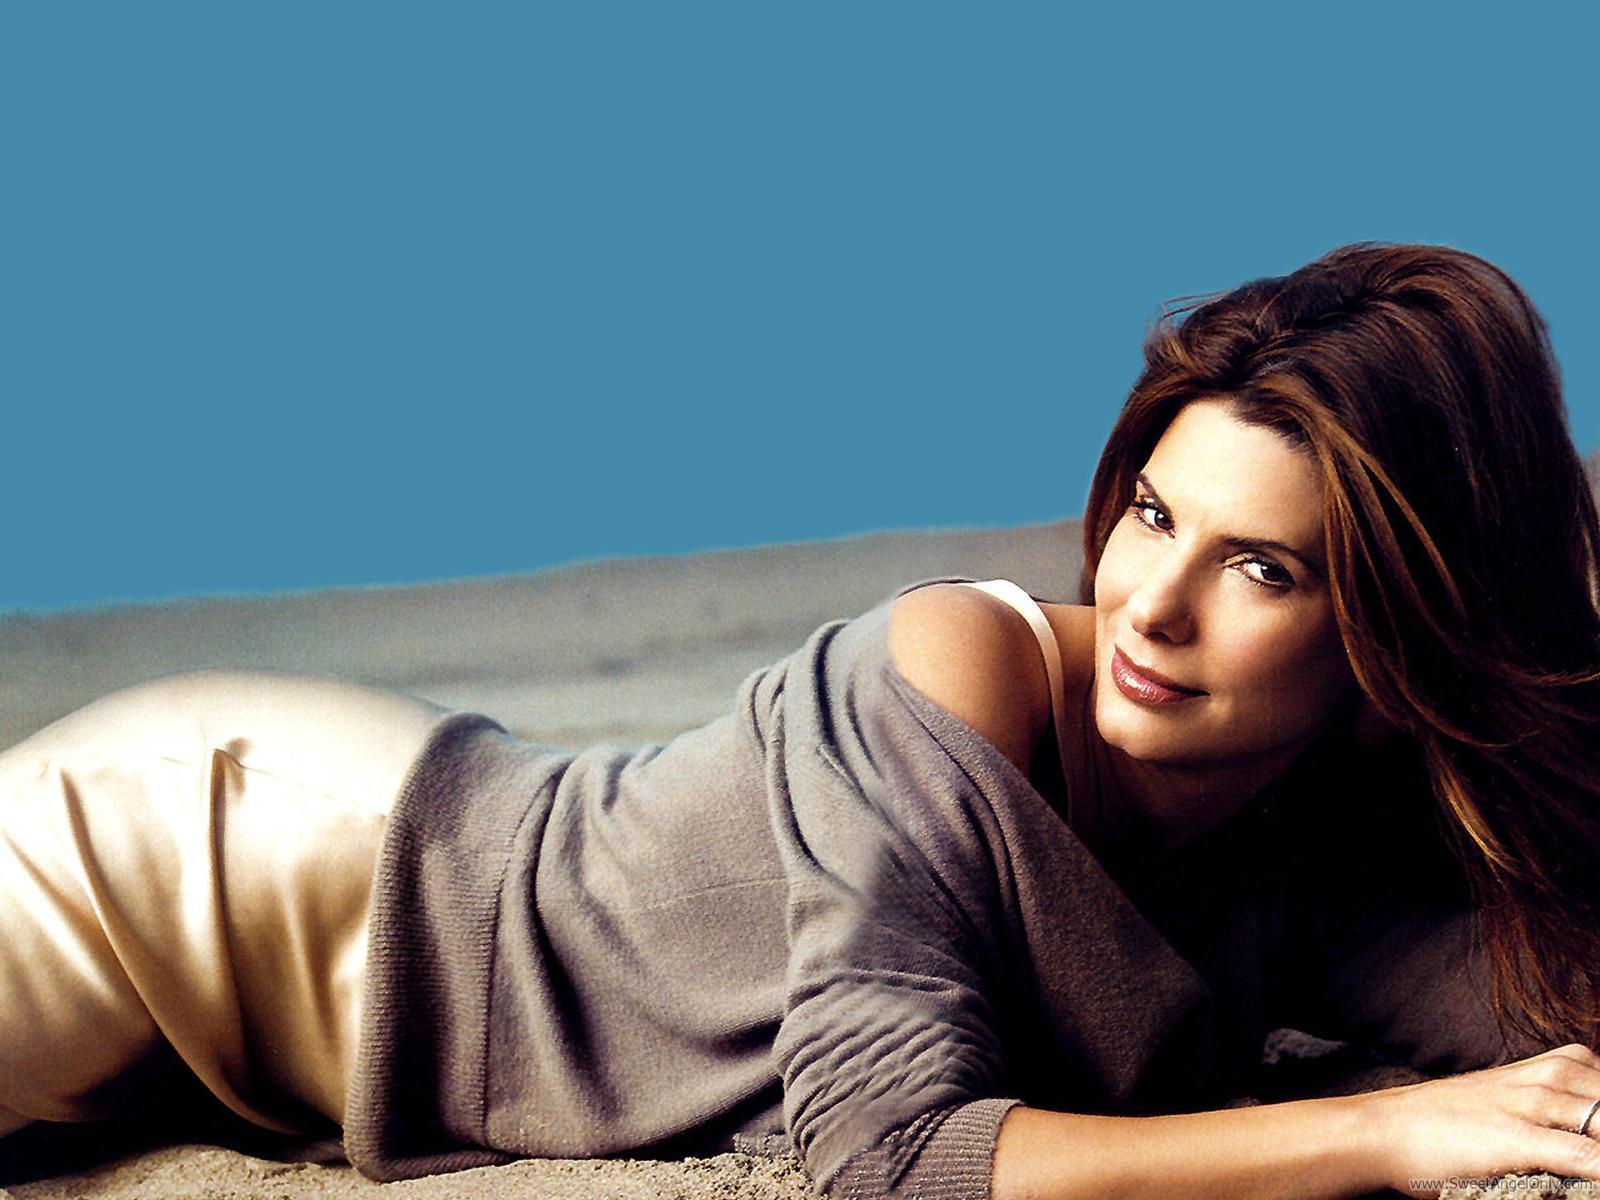 http://3.bp.blogspot.com/-Nd0L1xOshts/Tt3lneRew5I/AAAAAAAACLI/ixy9mJf08_U/s1600/sandra_bullock_actress_wallpaper_04-1600x1200.jpg